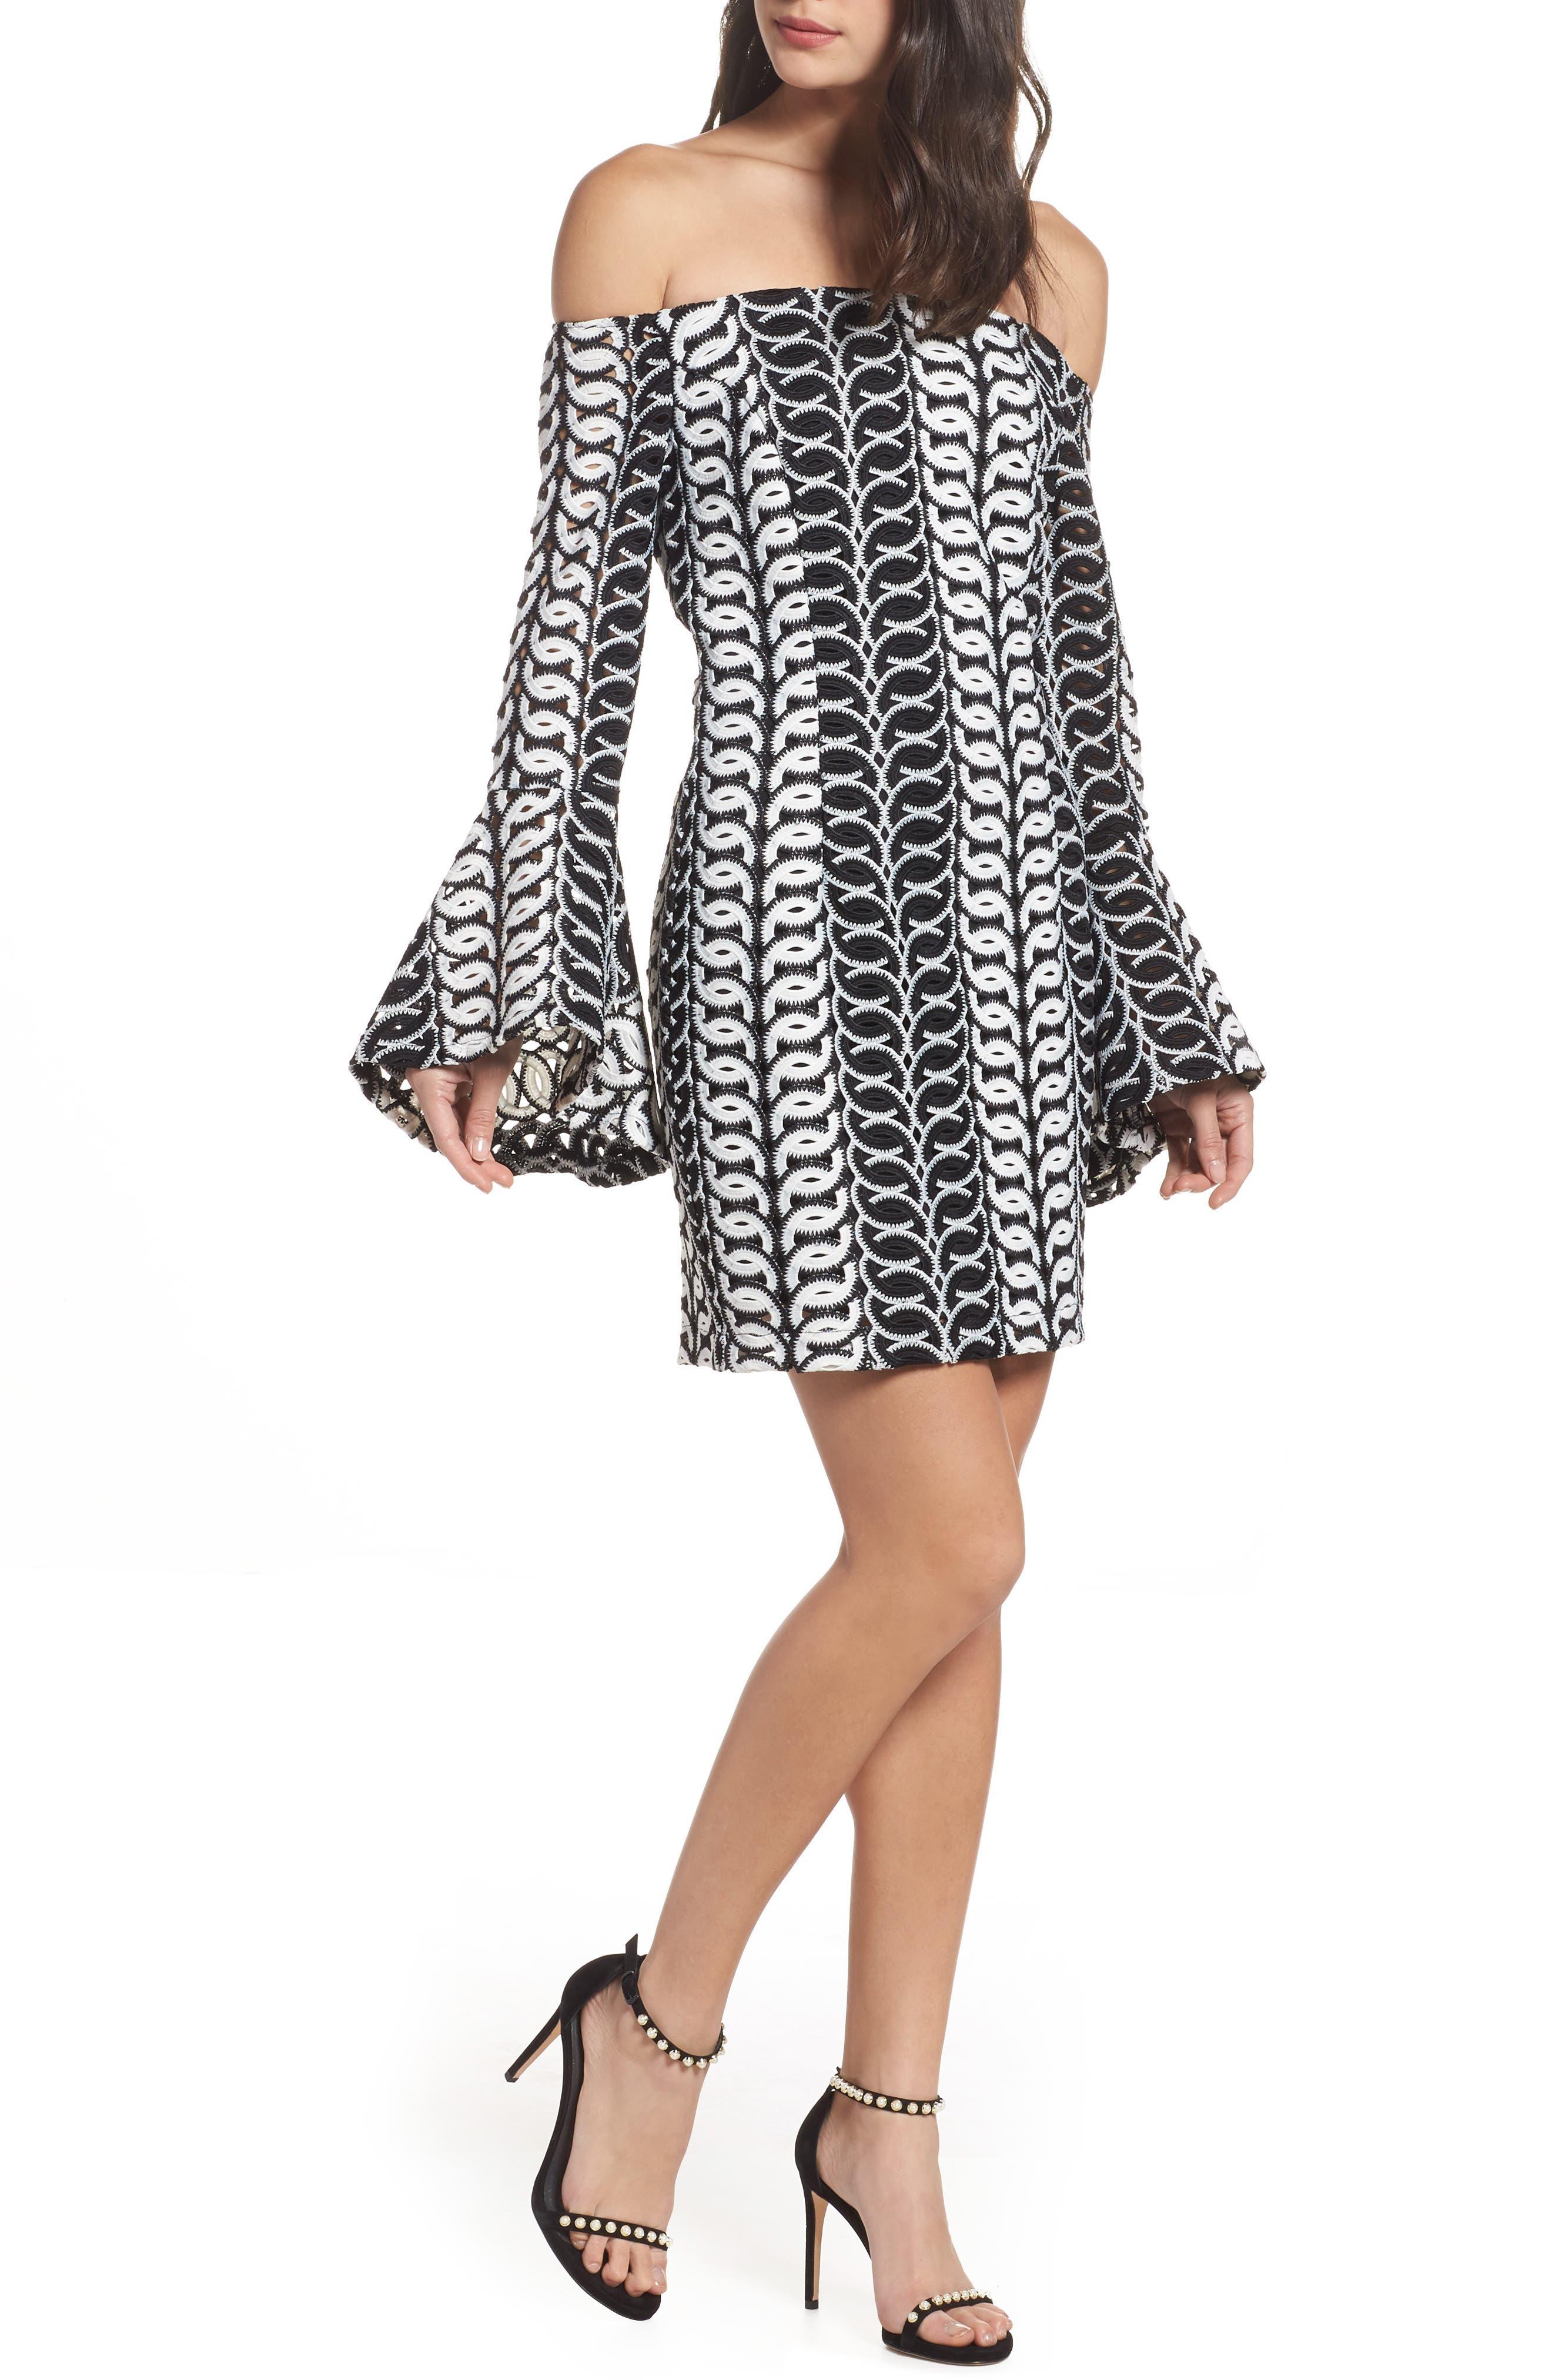 Chantelle Lace Off the Shoulder Dress,                         Main,                         color, Multi